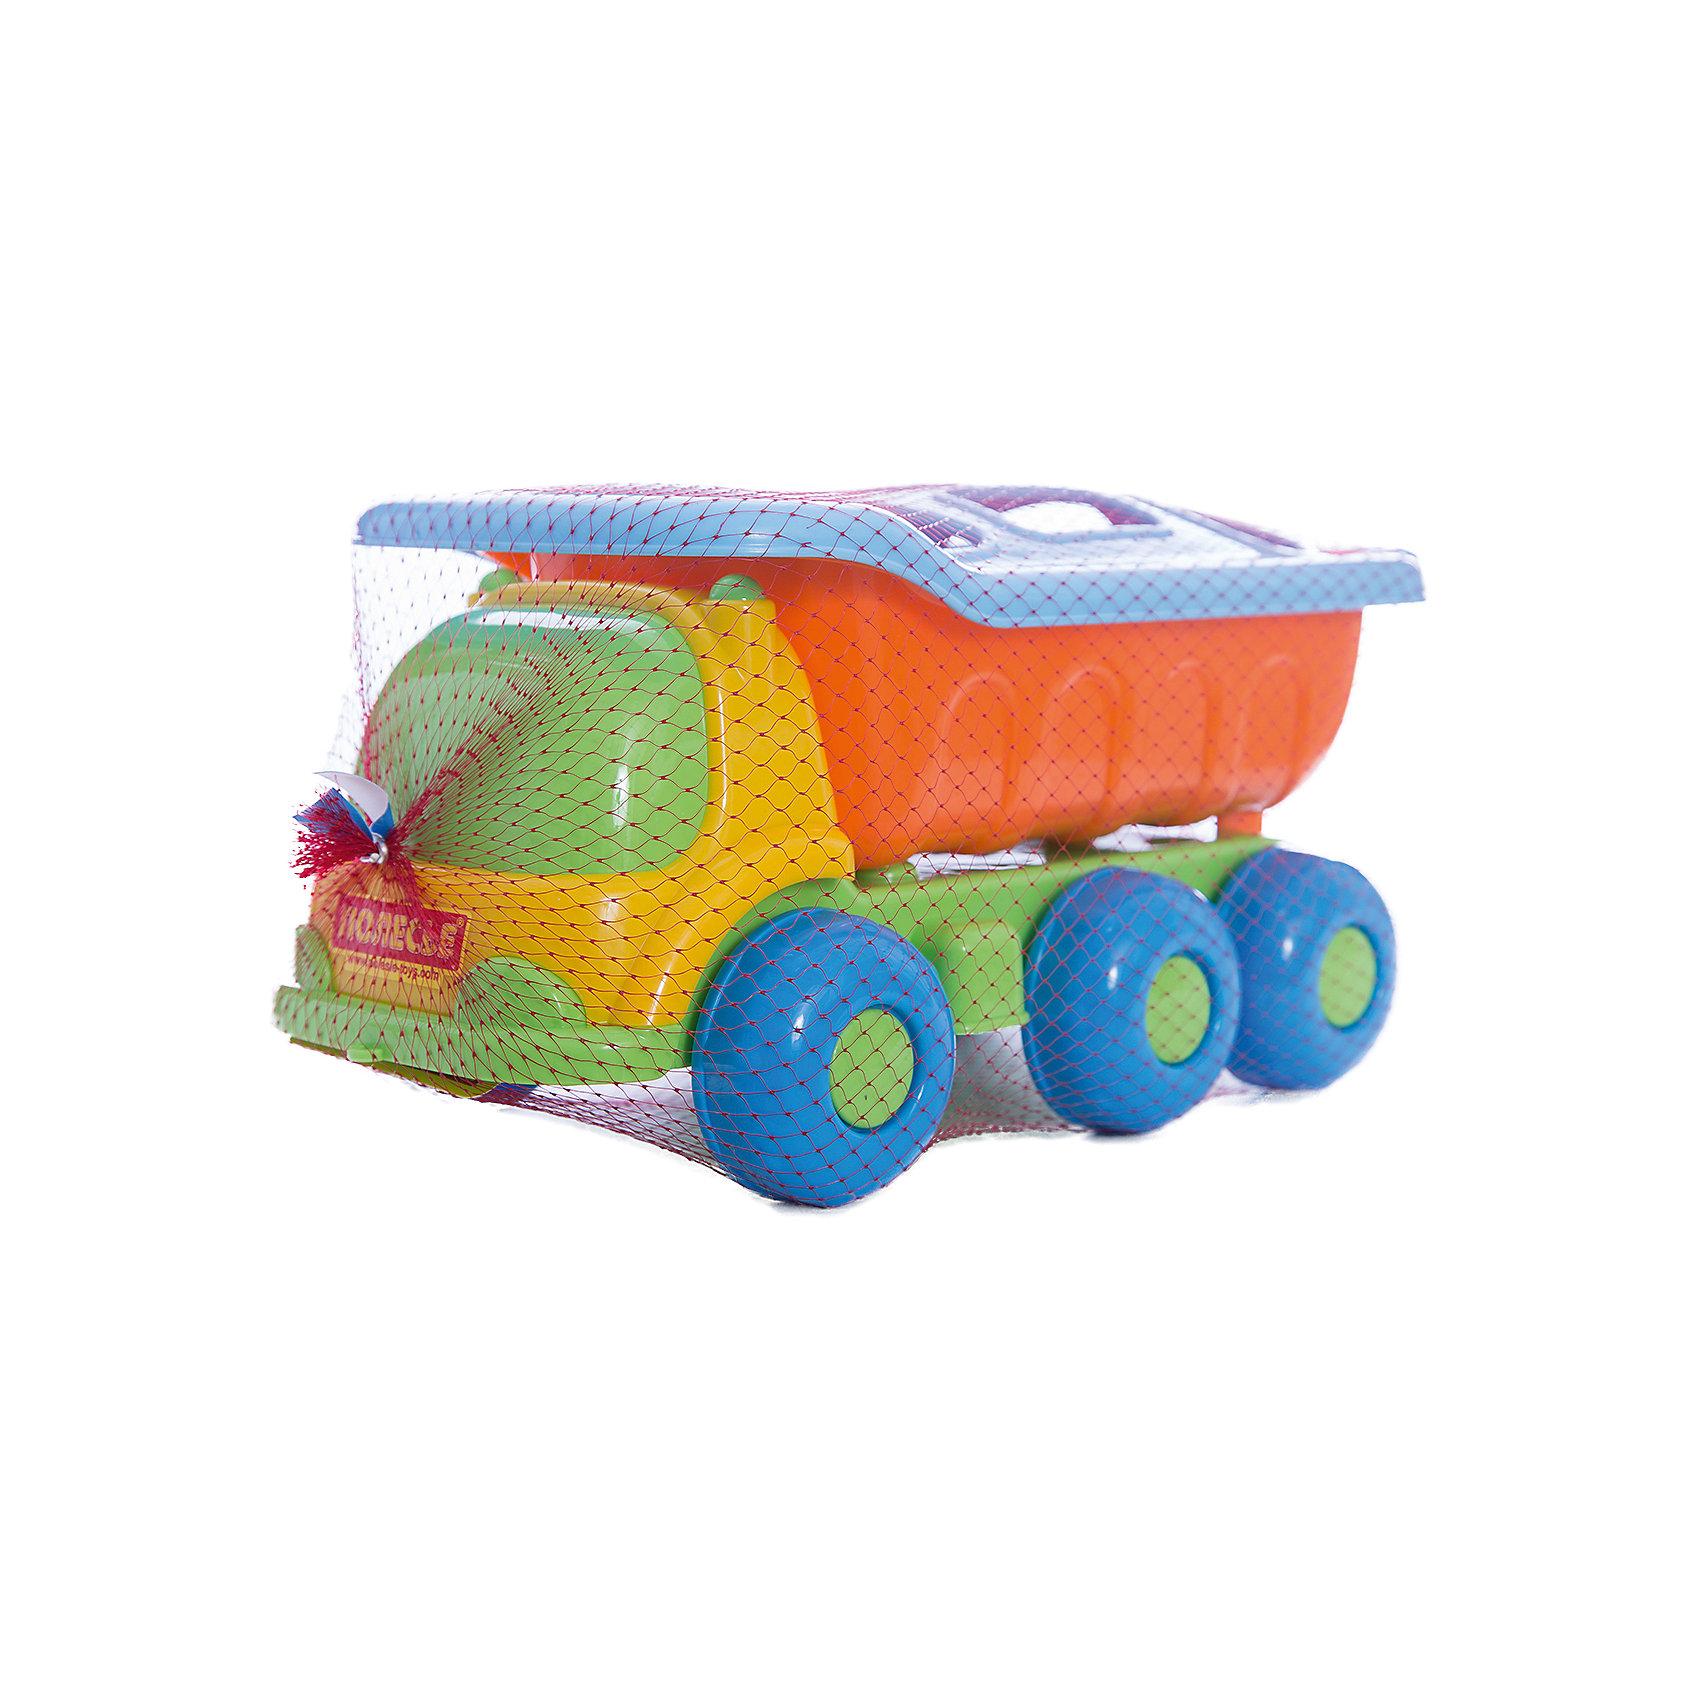 Самосвал логический Кеша, ПолесьеМашинки<br>Характеристики товара:<br><br>• материал: пластик<br>• размер упаковки: 20х30х20 см.<br>• вес: 600 гр.<br>• страна бренда: Беларусь<br><br>Сортер Полесье Самосвал логический Кеша  позволит в игровой форме развивать малыша, для этого в кузове имеются отверстия, через которые нужно загружать различные предметы, подбирая их по форме и размеру отверстия.<br><br>Изготовлена игрушка из абсолютно безопасного для детского здоровья экологичного пластика.<br><br>Самосвал-сортер Кеша, Полесье можно купить в нашем интернет-магазине.<br><br>Ширина мм: 290<br>Глубина мм: 151<br>Высота мм: 145<br>Вес г: 405<br>Возраст от месяцев: 36<br>Возраст до месяцев: 2147483647<br>Пол: Мужской<br>Возраст: Детский<br>SKU: 6760735